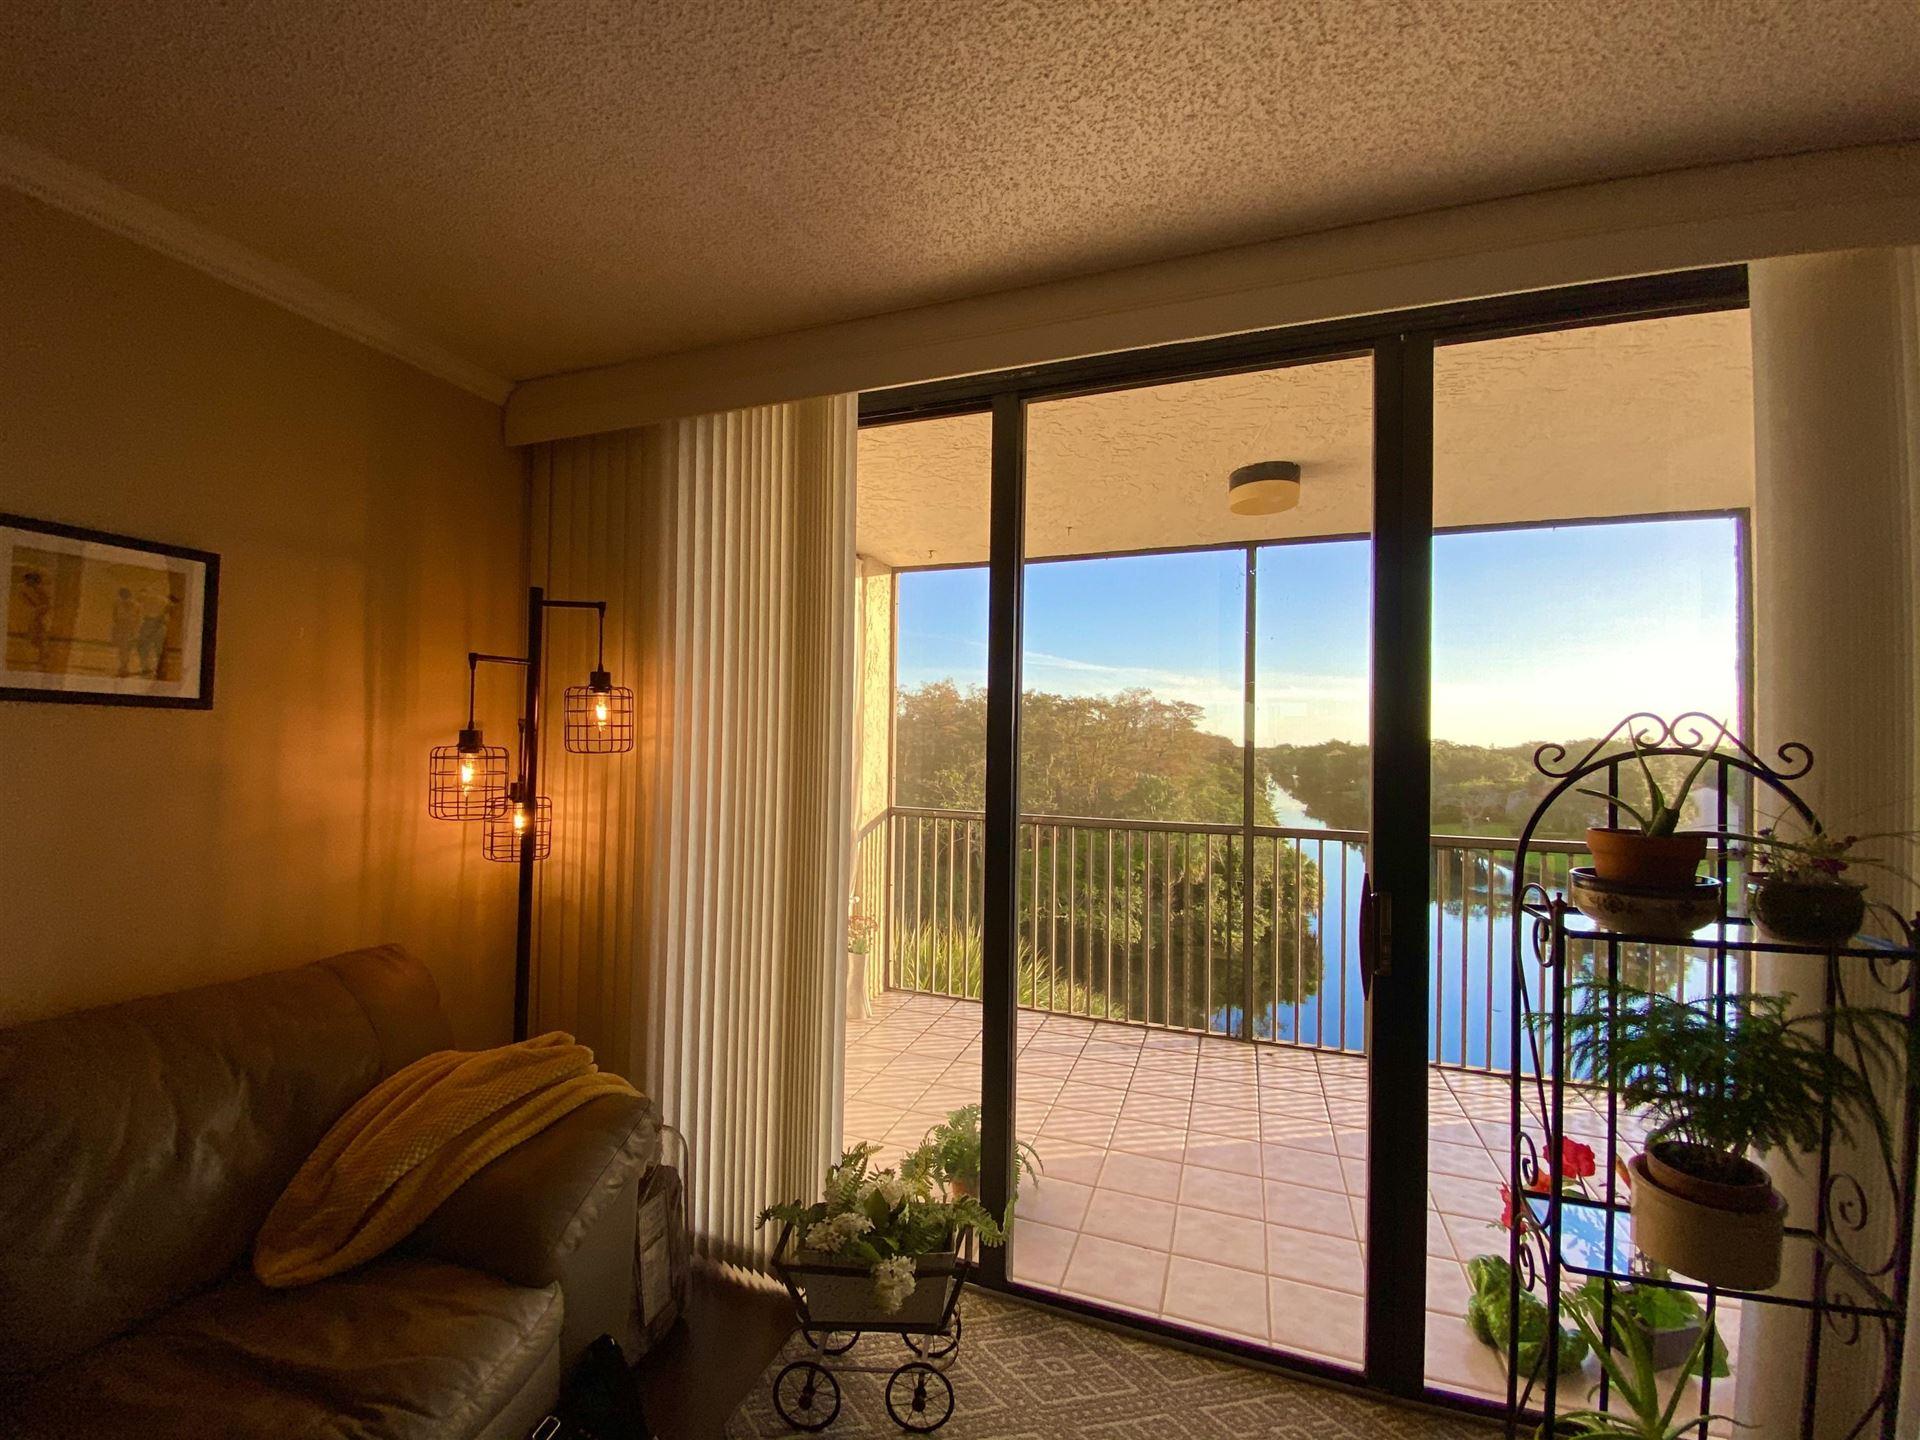 3000 NW 42nd Avenue #B501, Coconut Creek, FL 33066 - #: RX-10678343